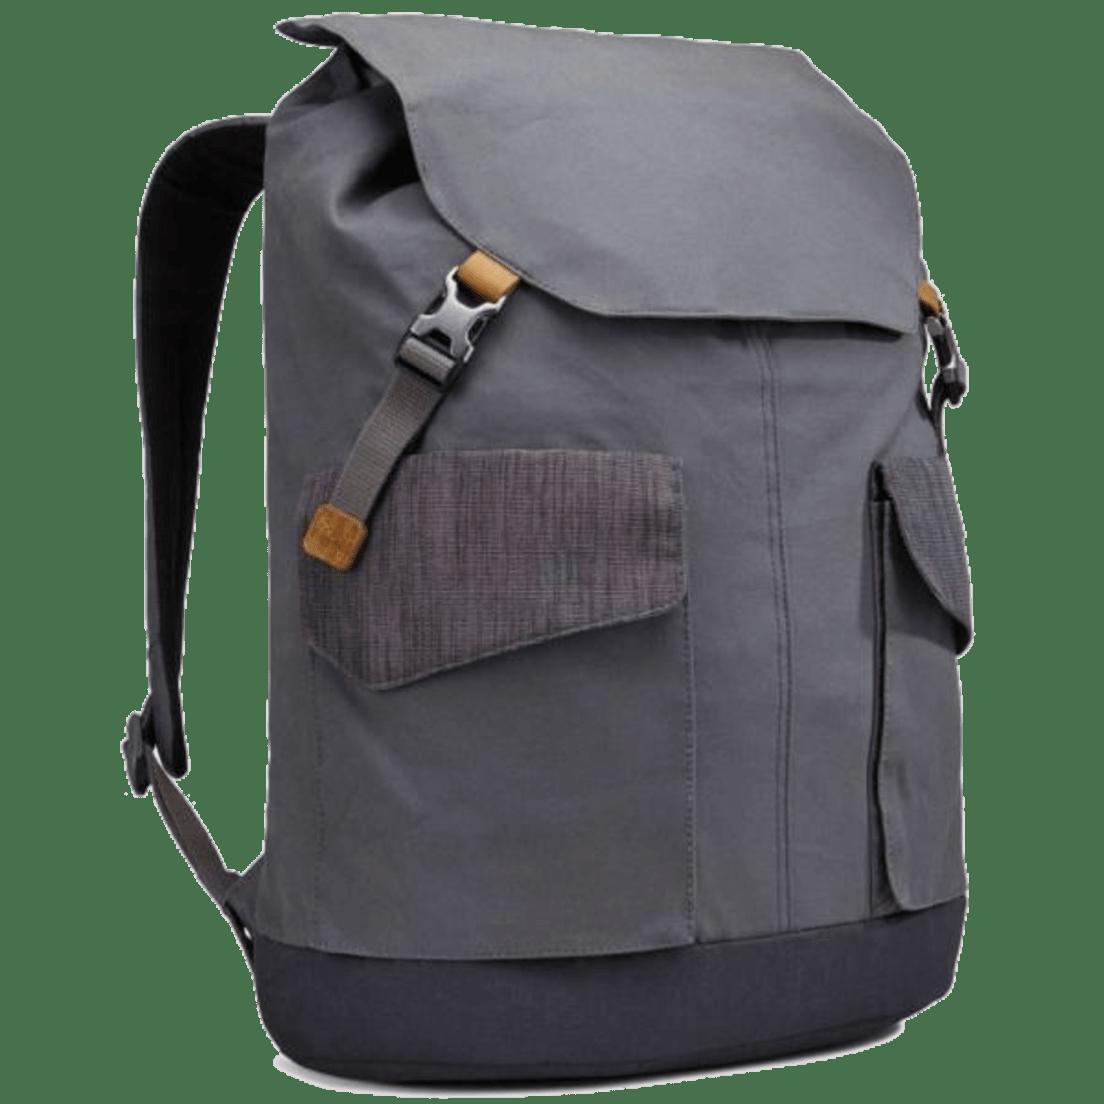 482c061731 Case Logic Lodo Large Backpack